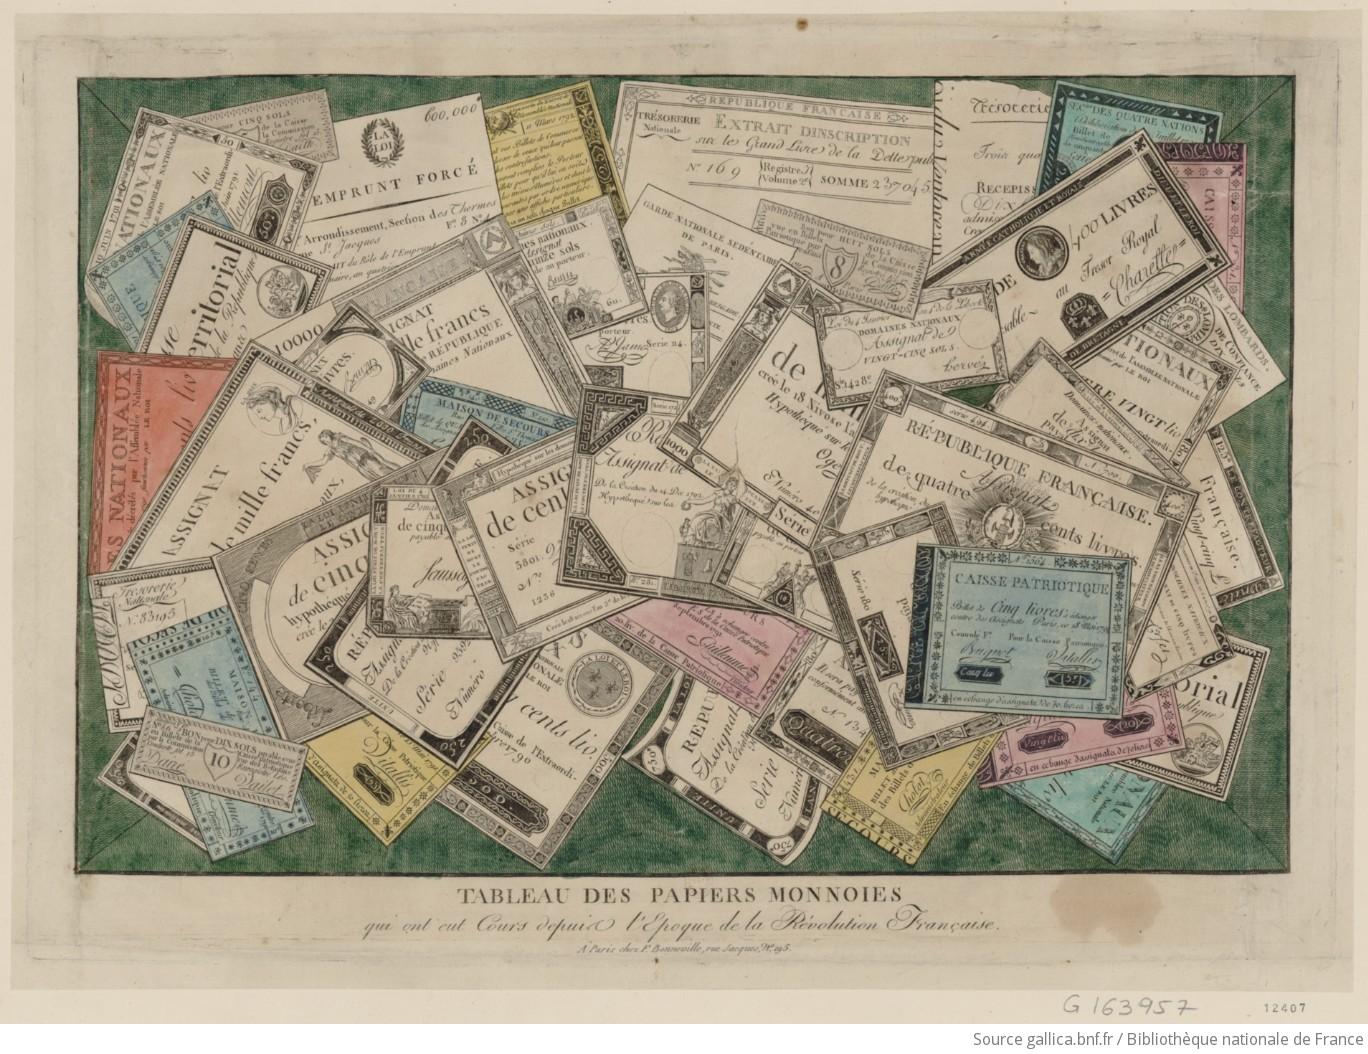 Tableau des papiers monnoies qui ont eut cours depuis l'epoque de la Révolution française : [estampe] / [non identifié] - 1